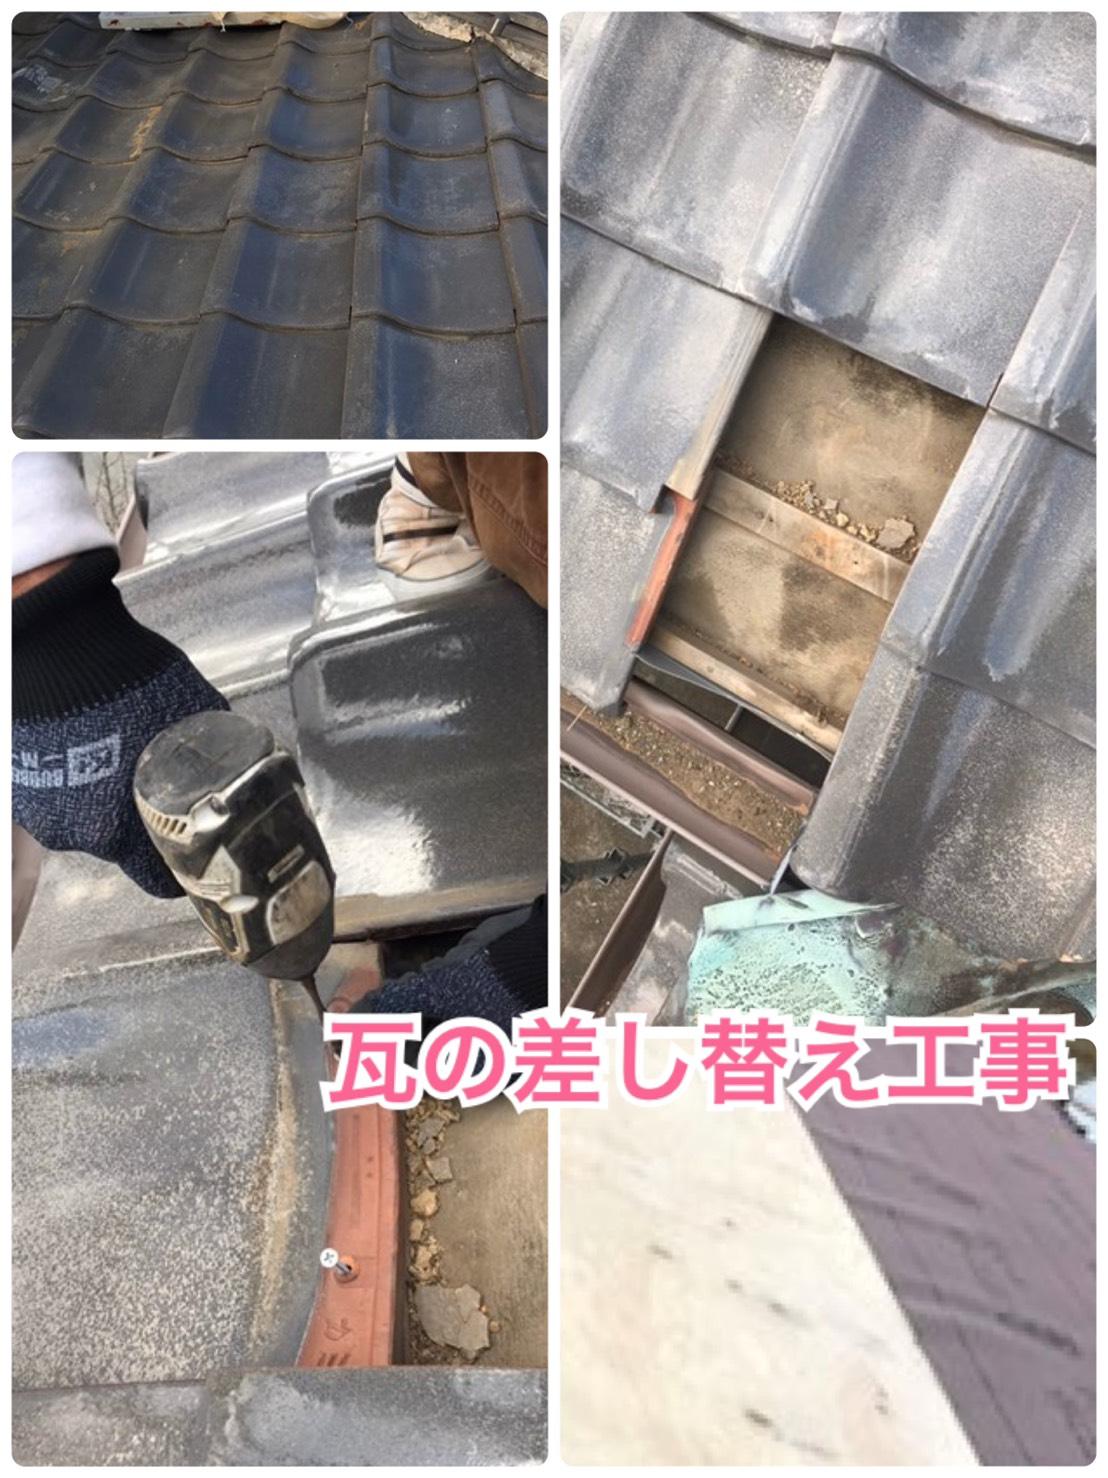 神奈川県横浜市で瓦屋根の補修工事を行いました